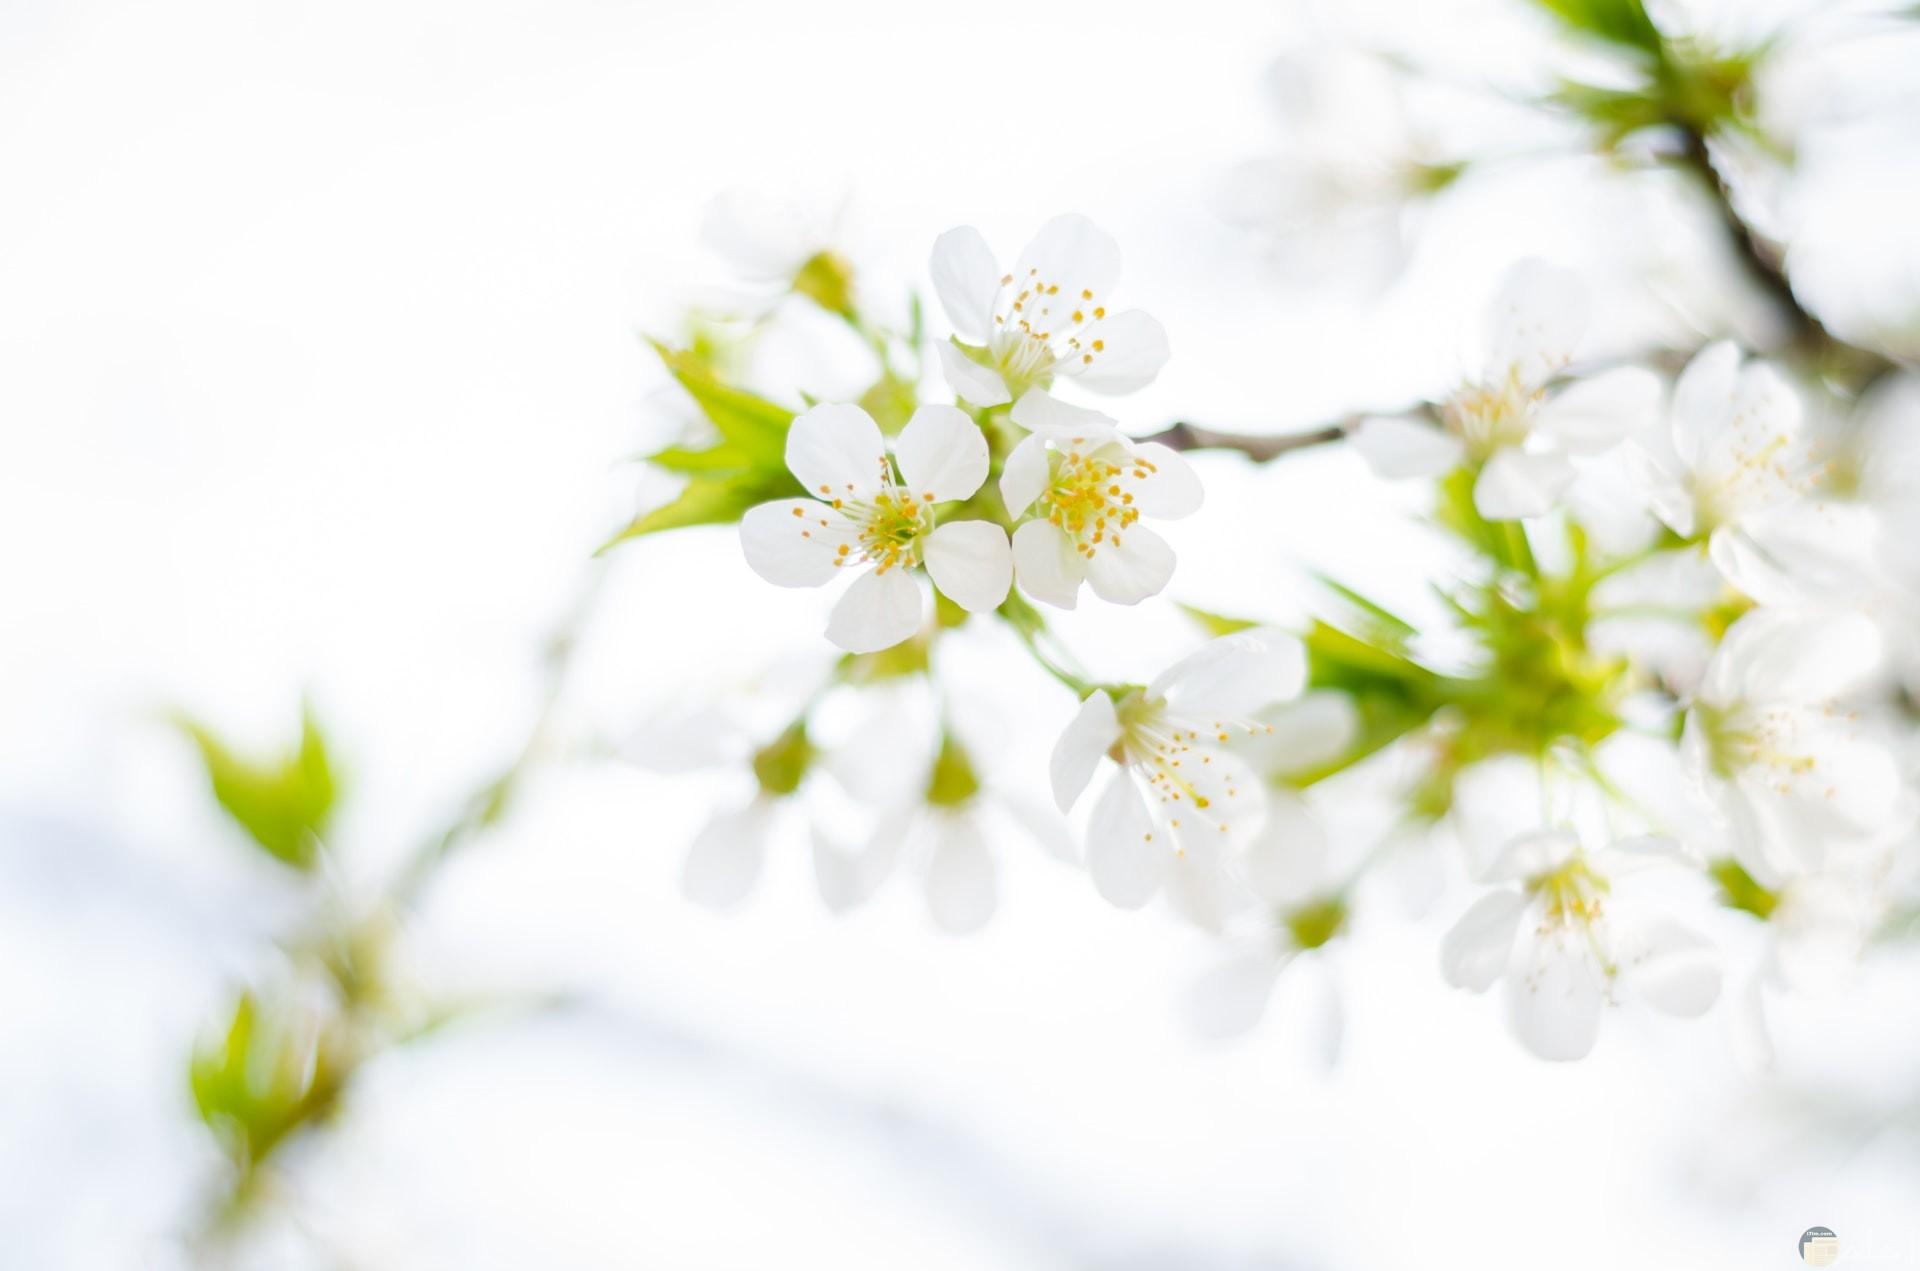 صورة مميزة وحلوة لمجموعة من الوردات البيضاء الجميلة